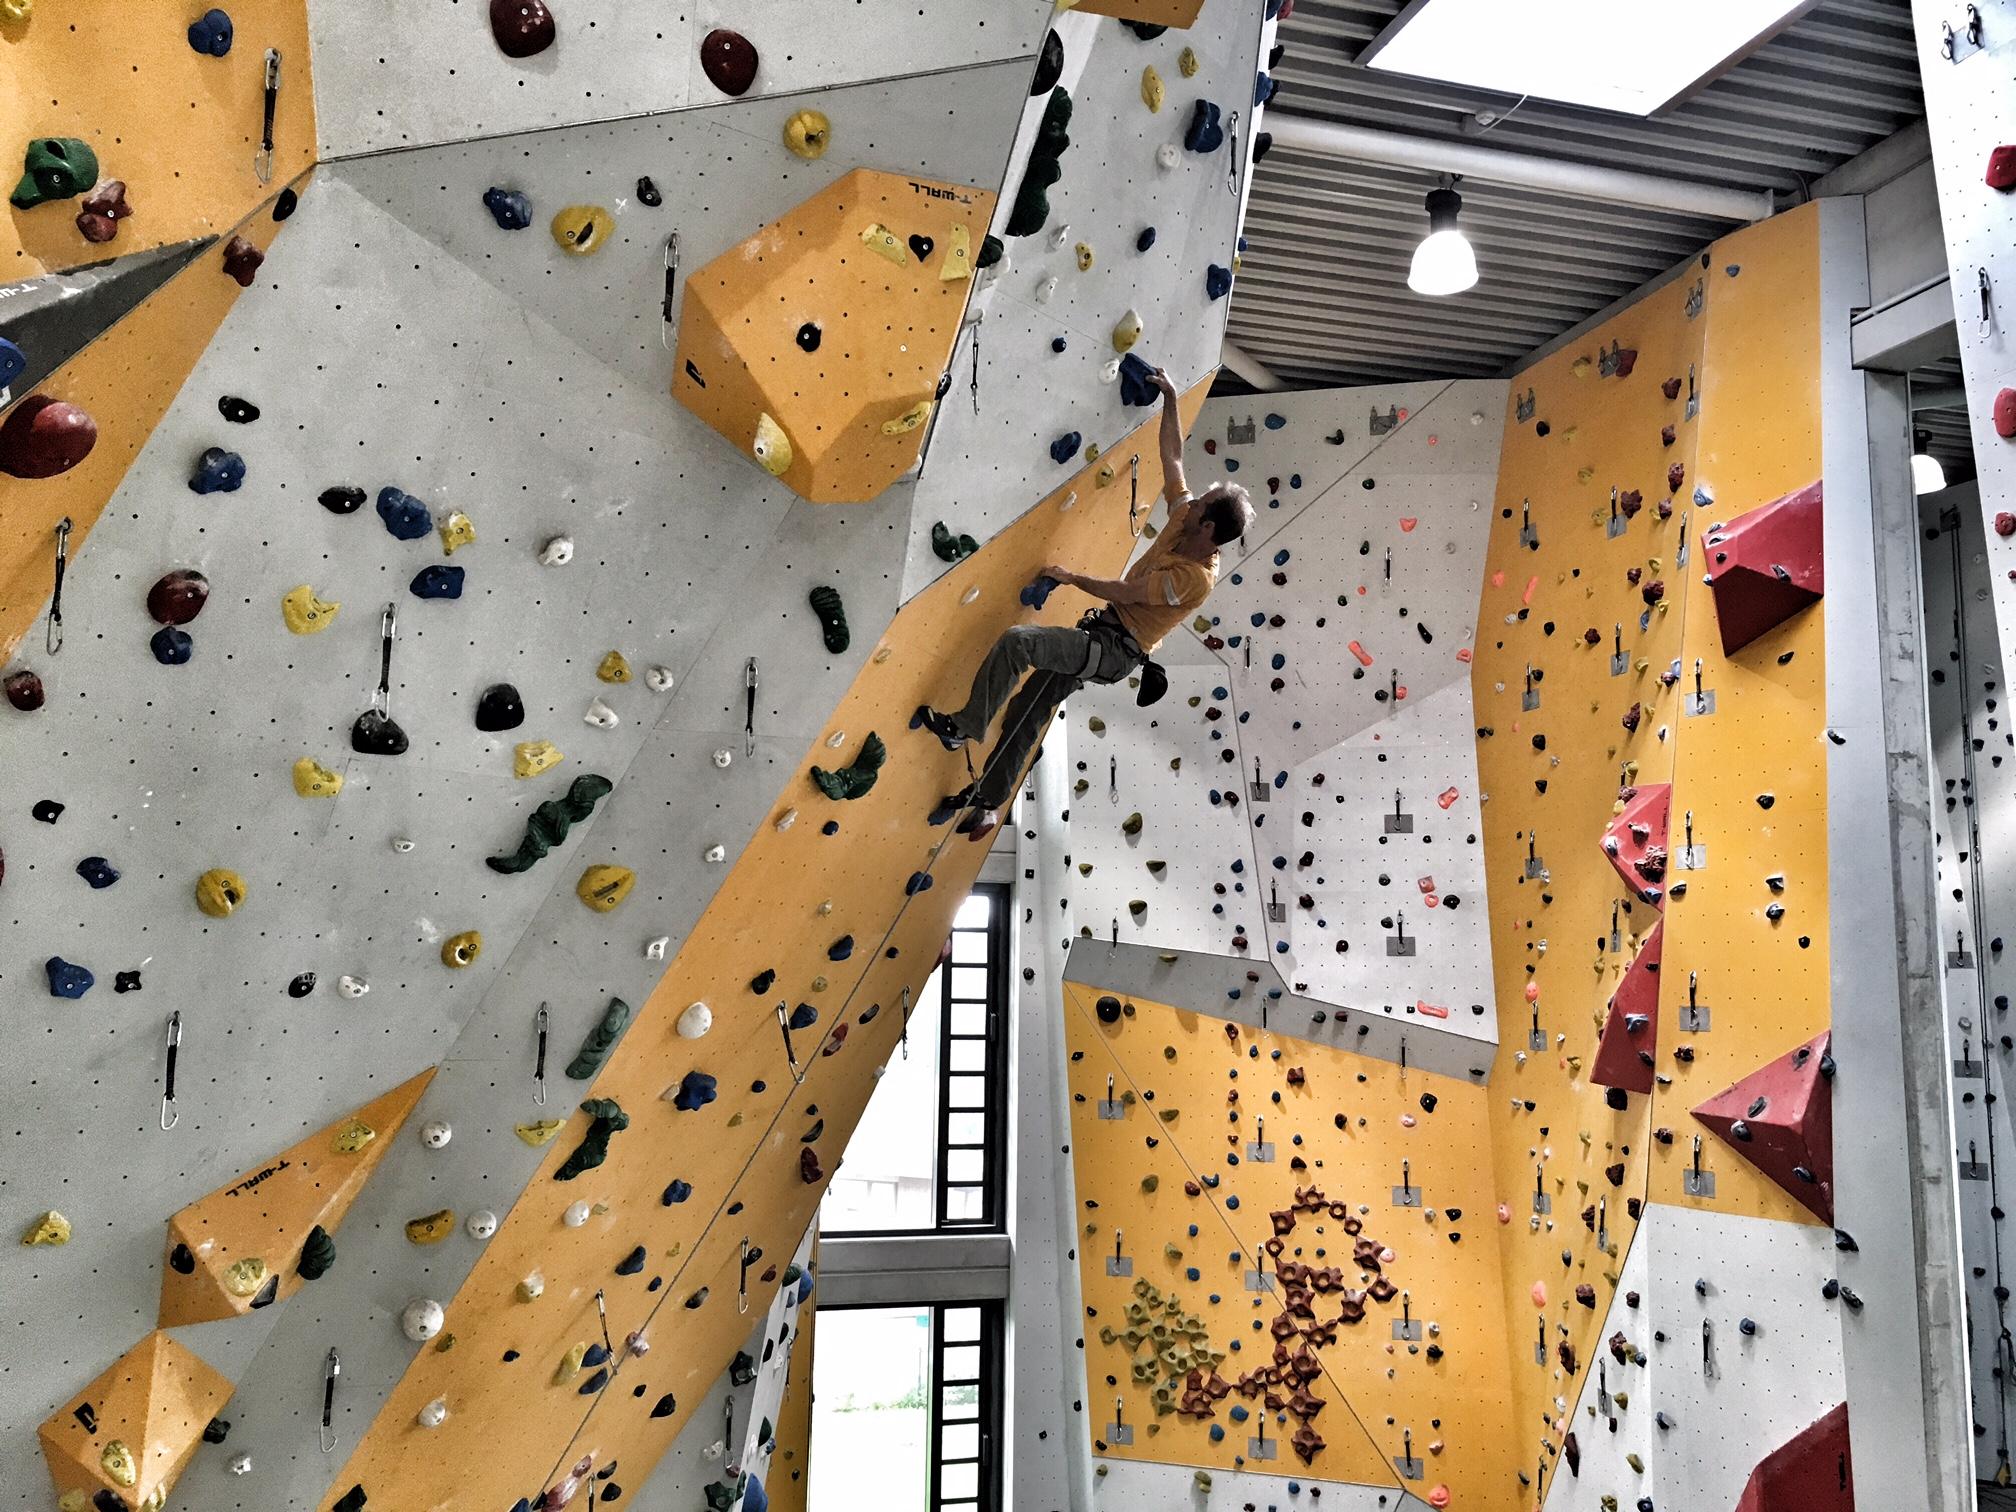 Kletterausrüstung Dav : Alles was du wissen willst und noch einwenig mehr! unterwegs dav